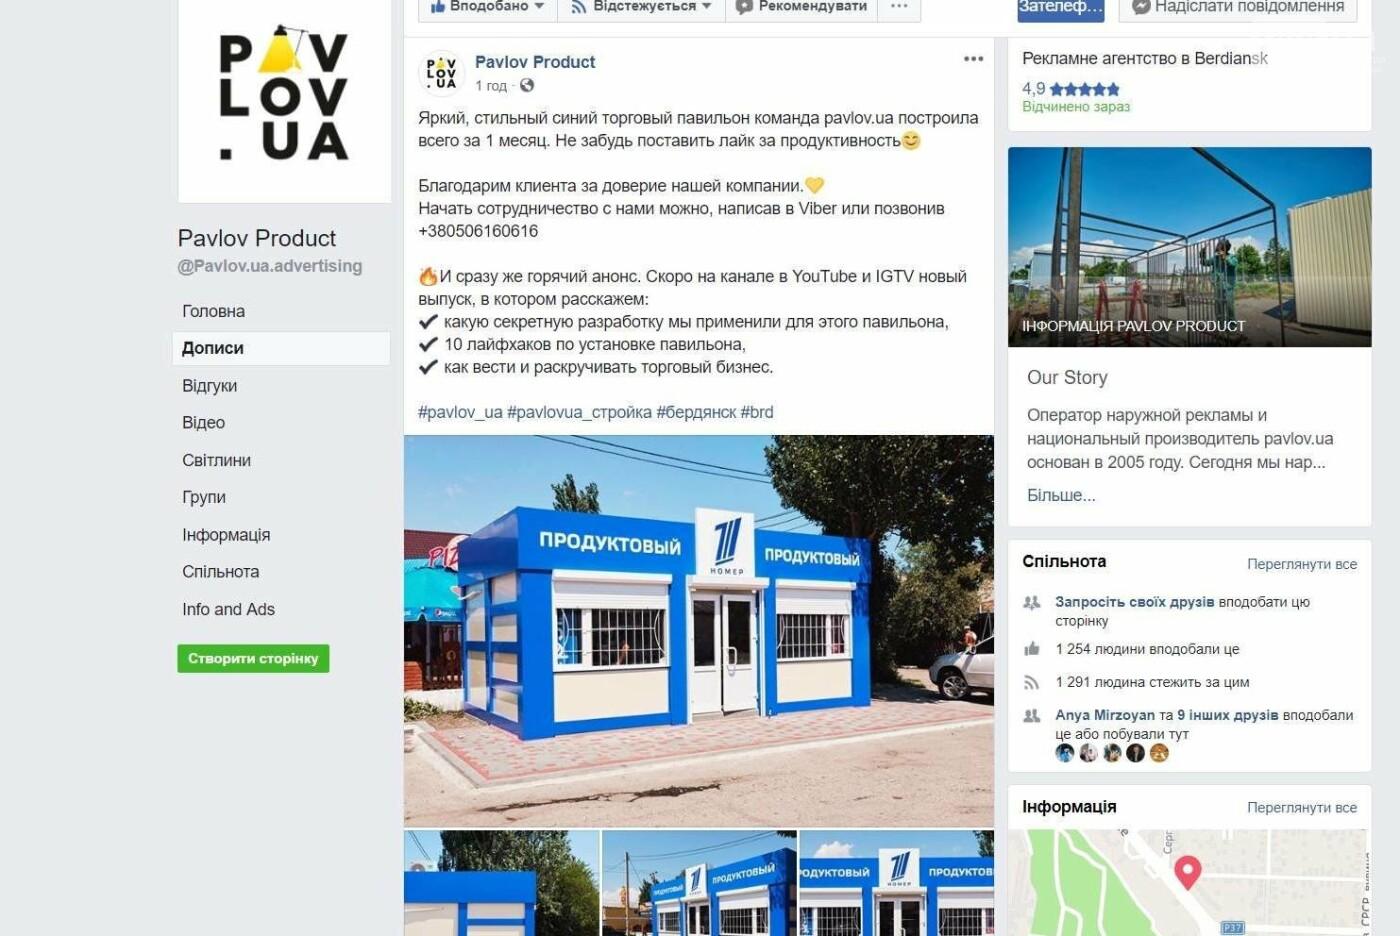 В Бердянске появился МАФ с логотипом, похожим на лого российского телеканала, - ФОТО, фото-1